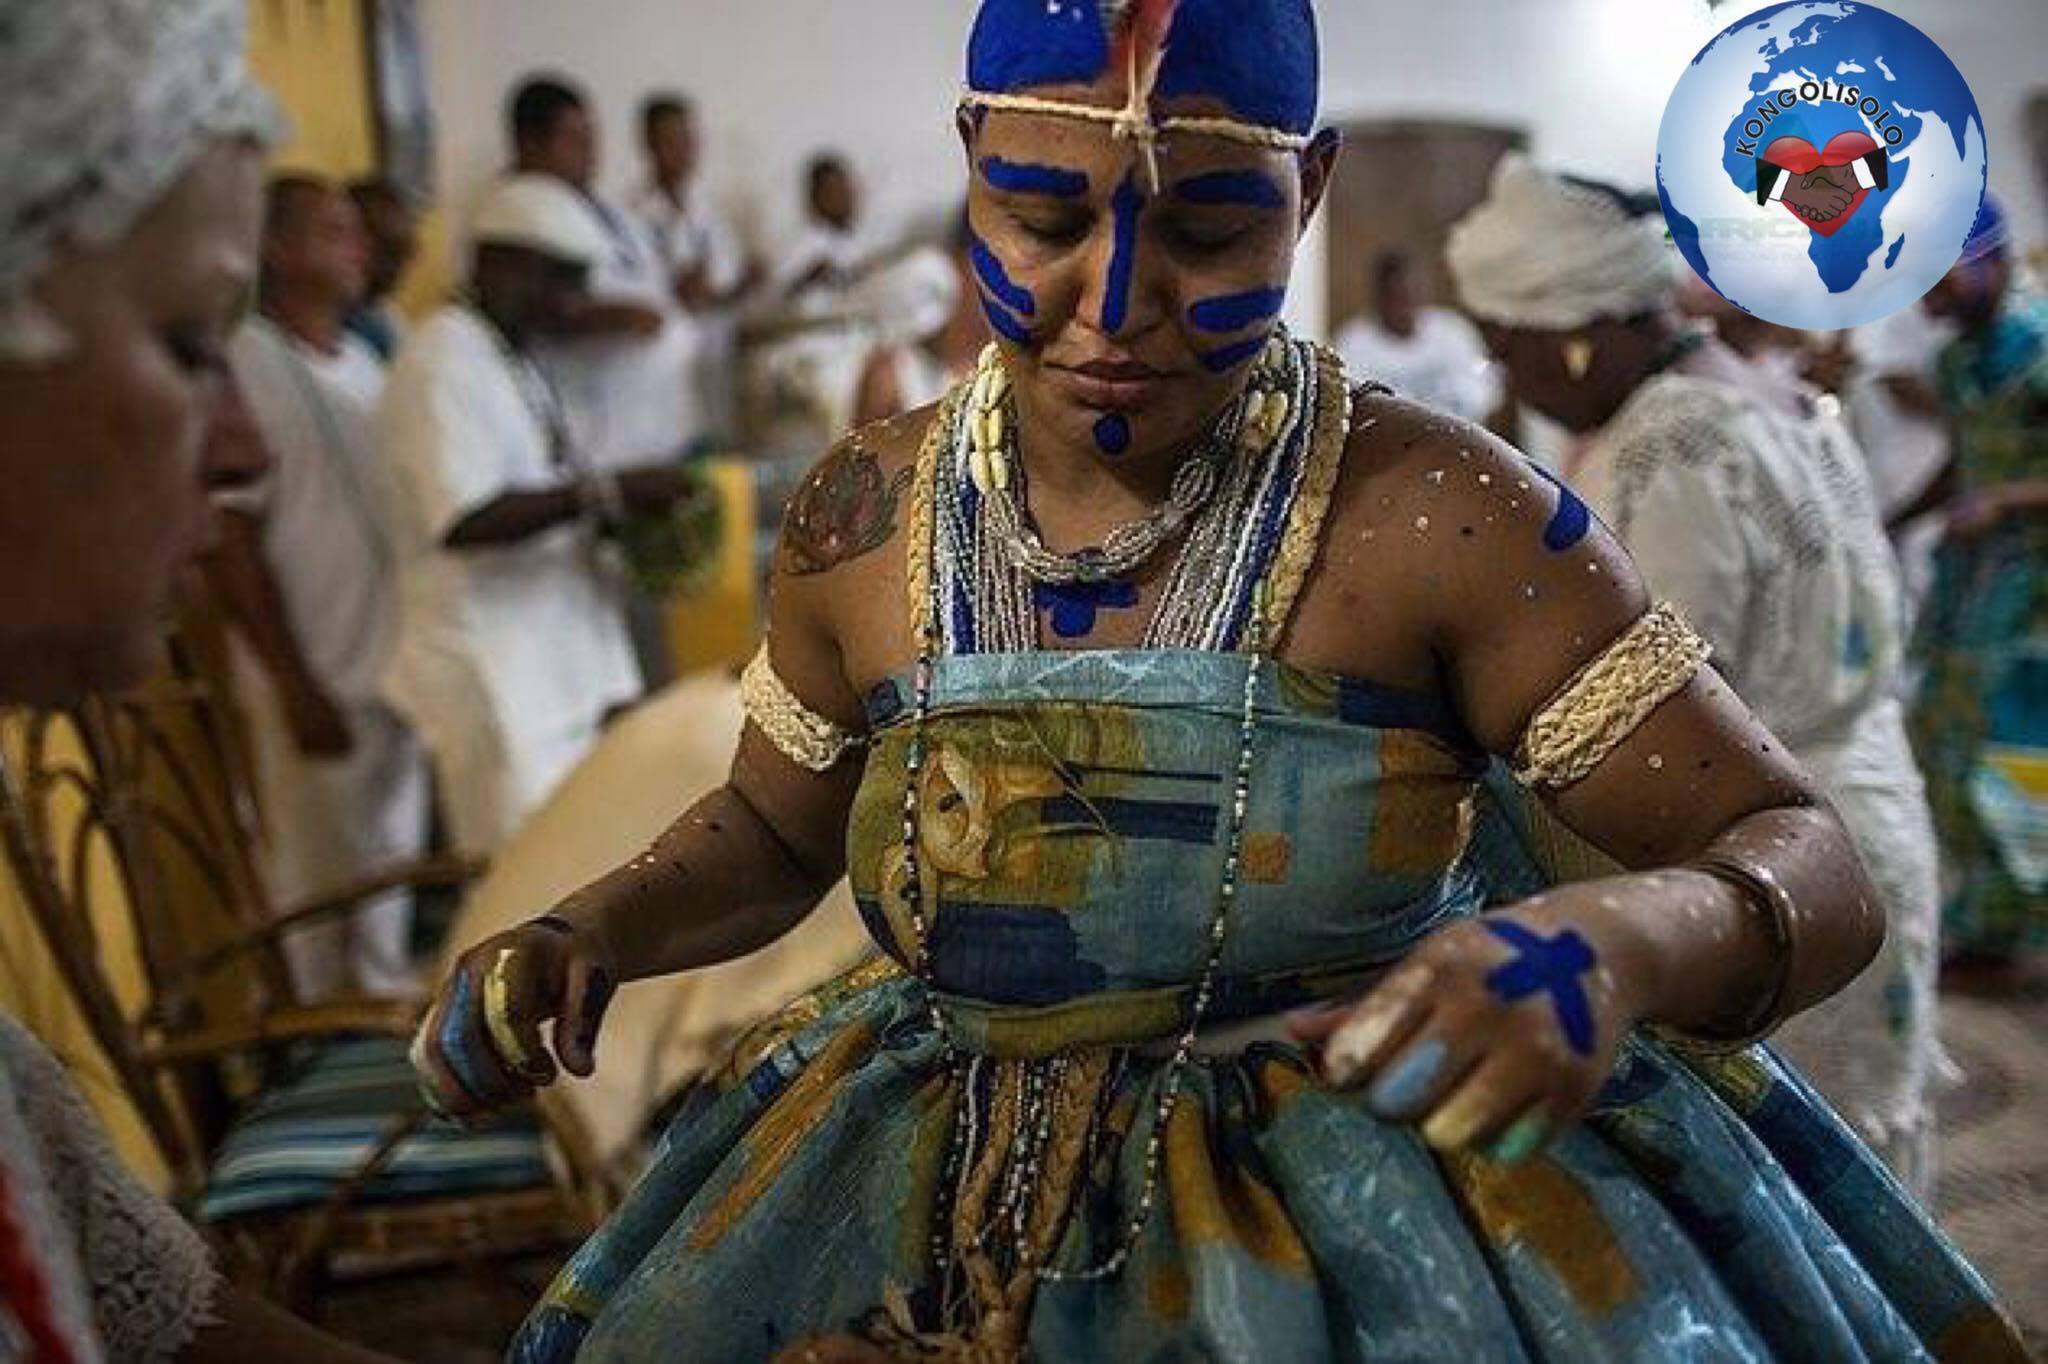 Religion : le Candomblé est une religion « africaine du Brésil » qui compte pas moins de trois millions de fidèles et fait de plus en plus d'adeptes au Brésil ... Pourtant, beaucoup de fantasmes et de mystères entourent encore cette croyance